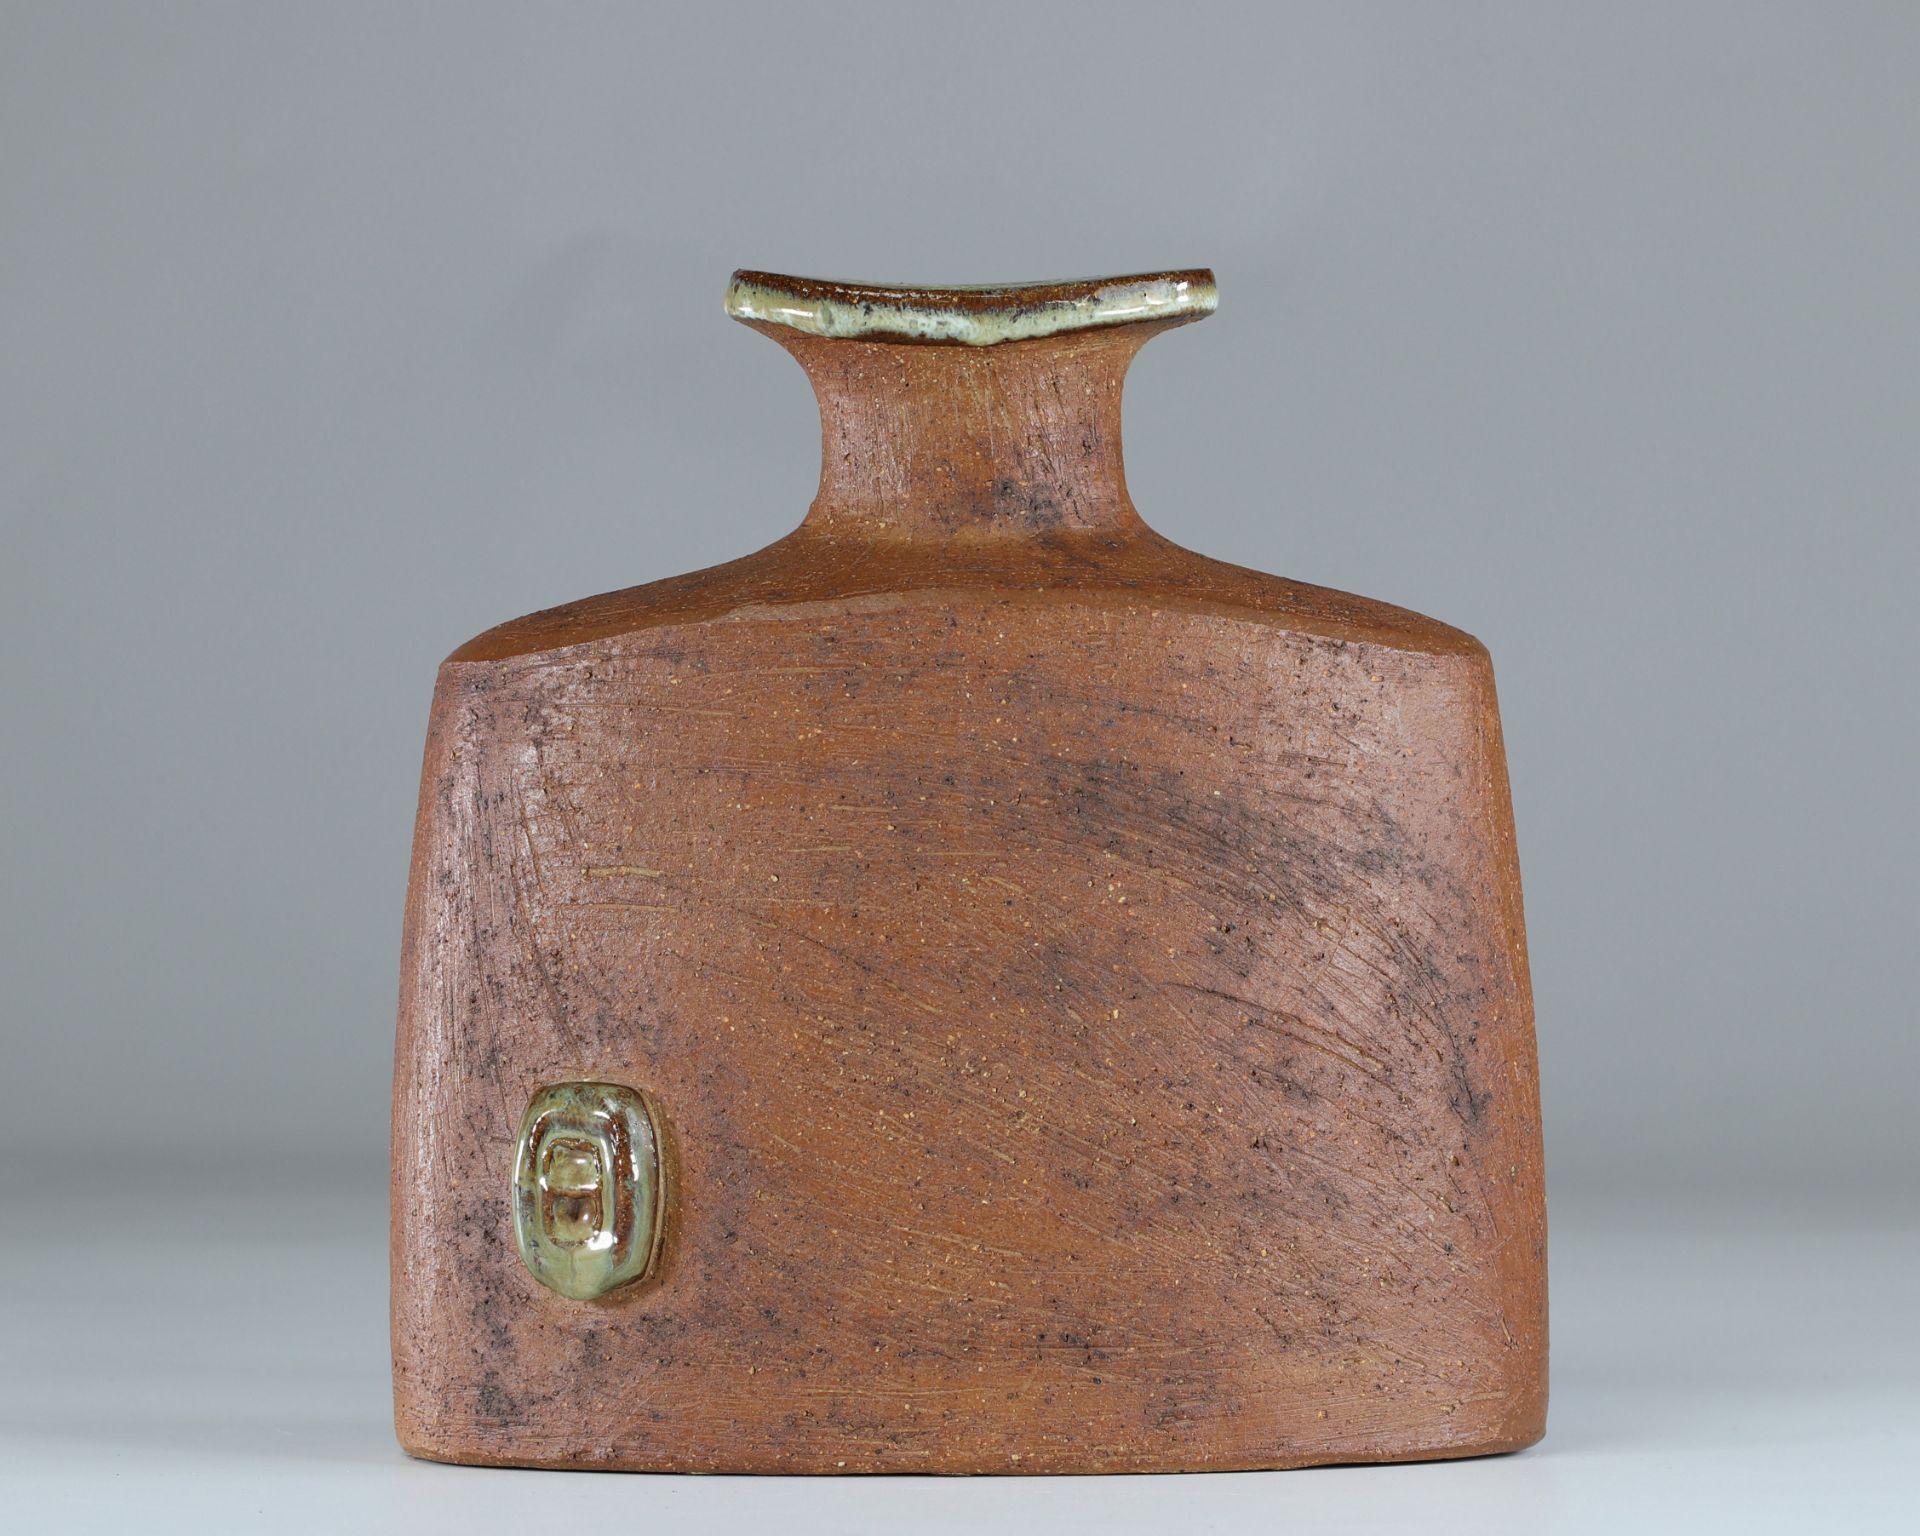 Curt-Magnus Addin (1931-2007) enamelled ceramic vase Stamp